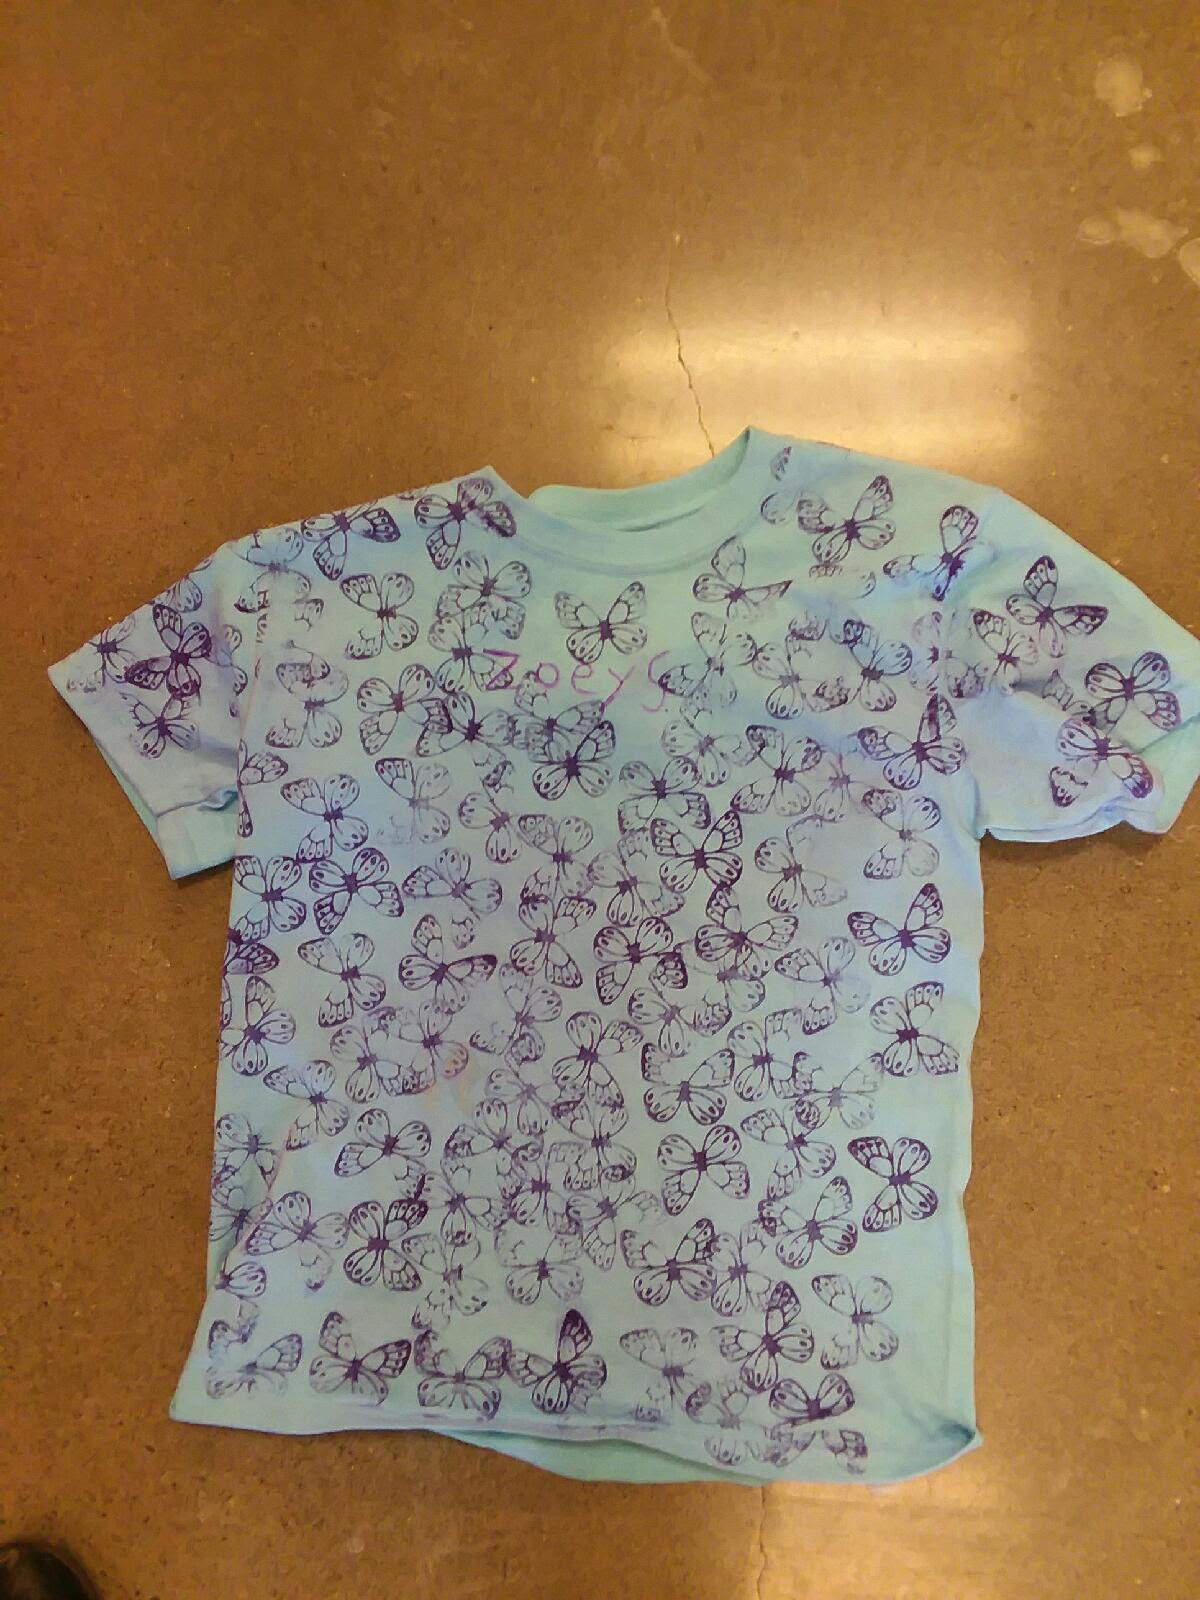 shirt with 100 butterflies